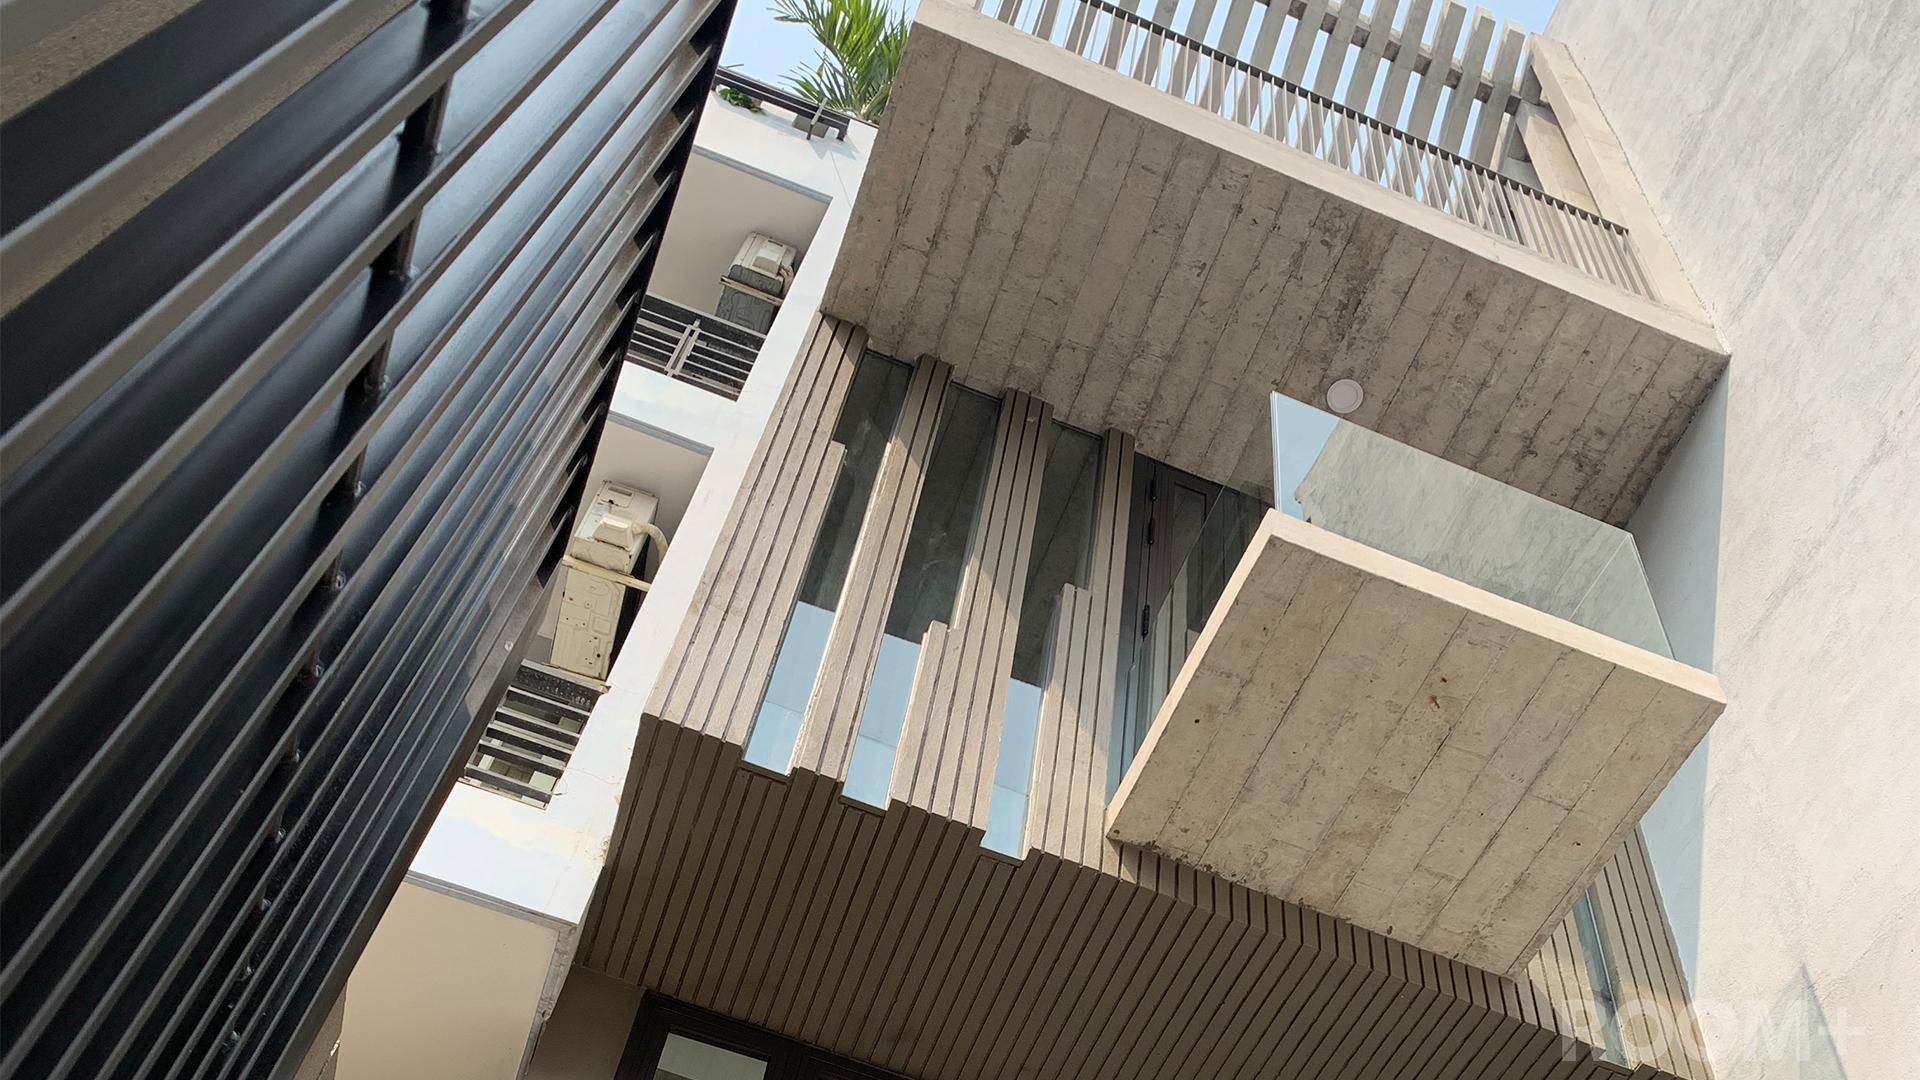 Stacking Overhangs Building